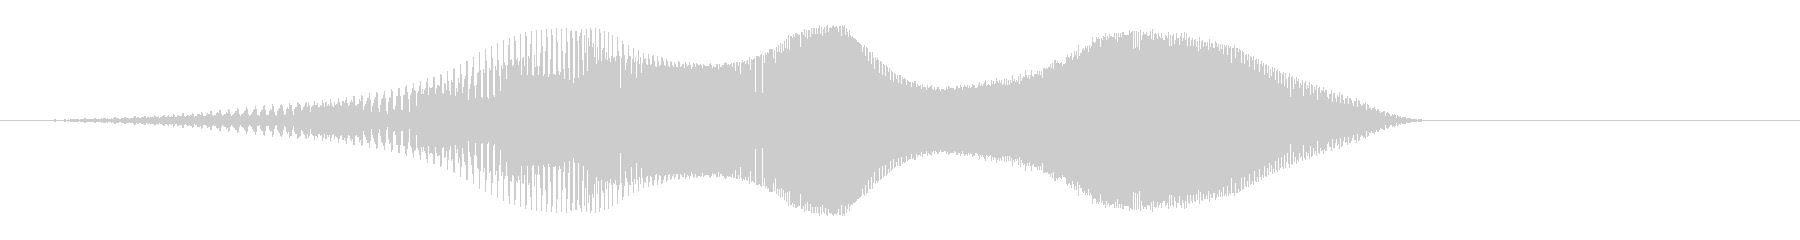 ピヤァァ(かわいい)の未再生の波形